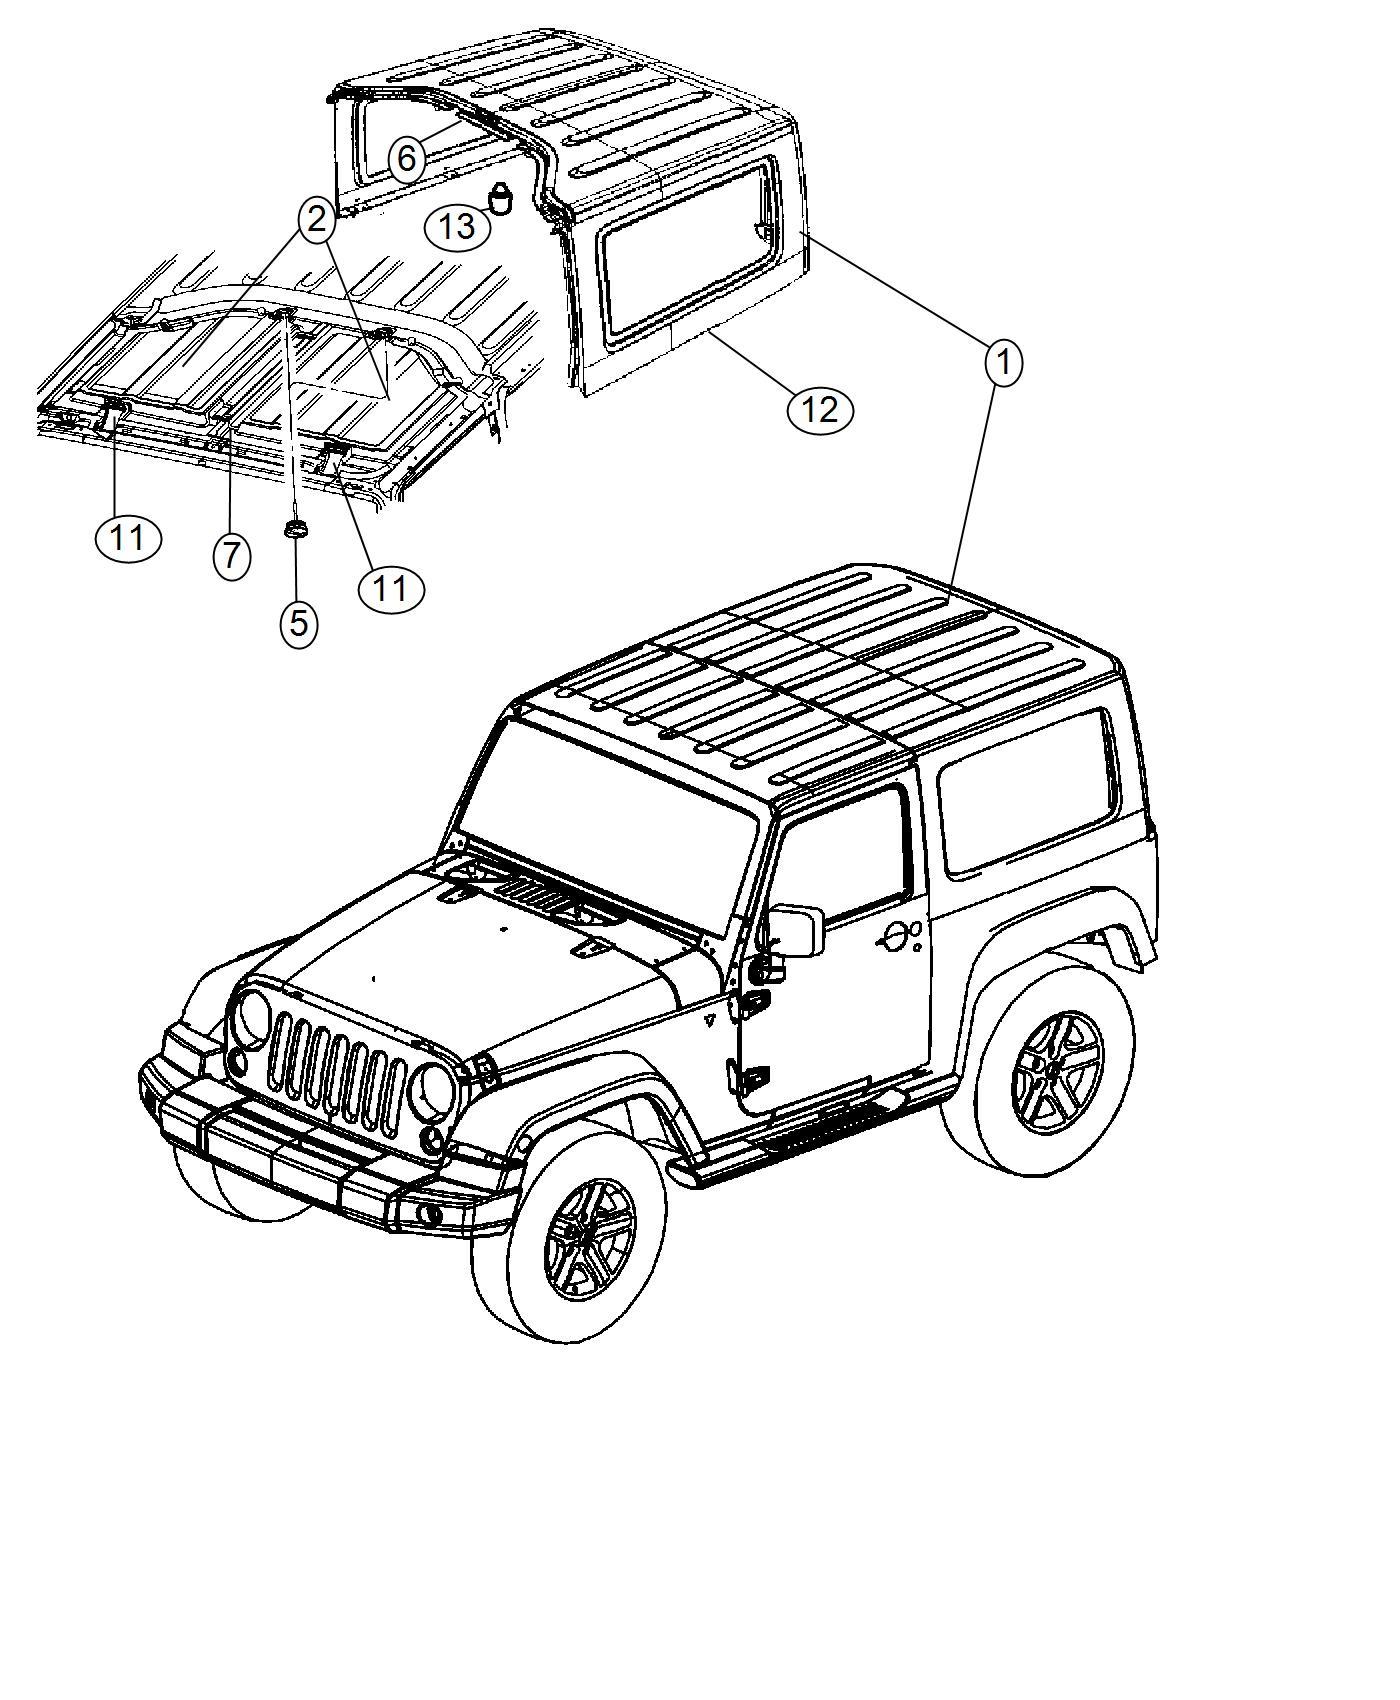 2016 Jeep Wrangler Screw. B pillar, bodyside, top to b